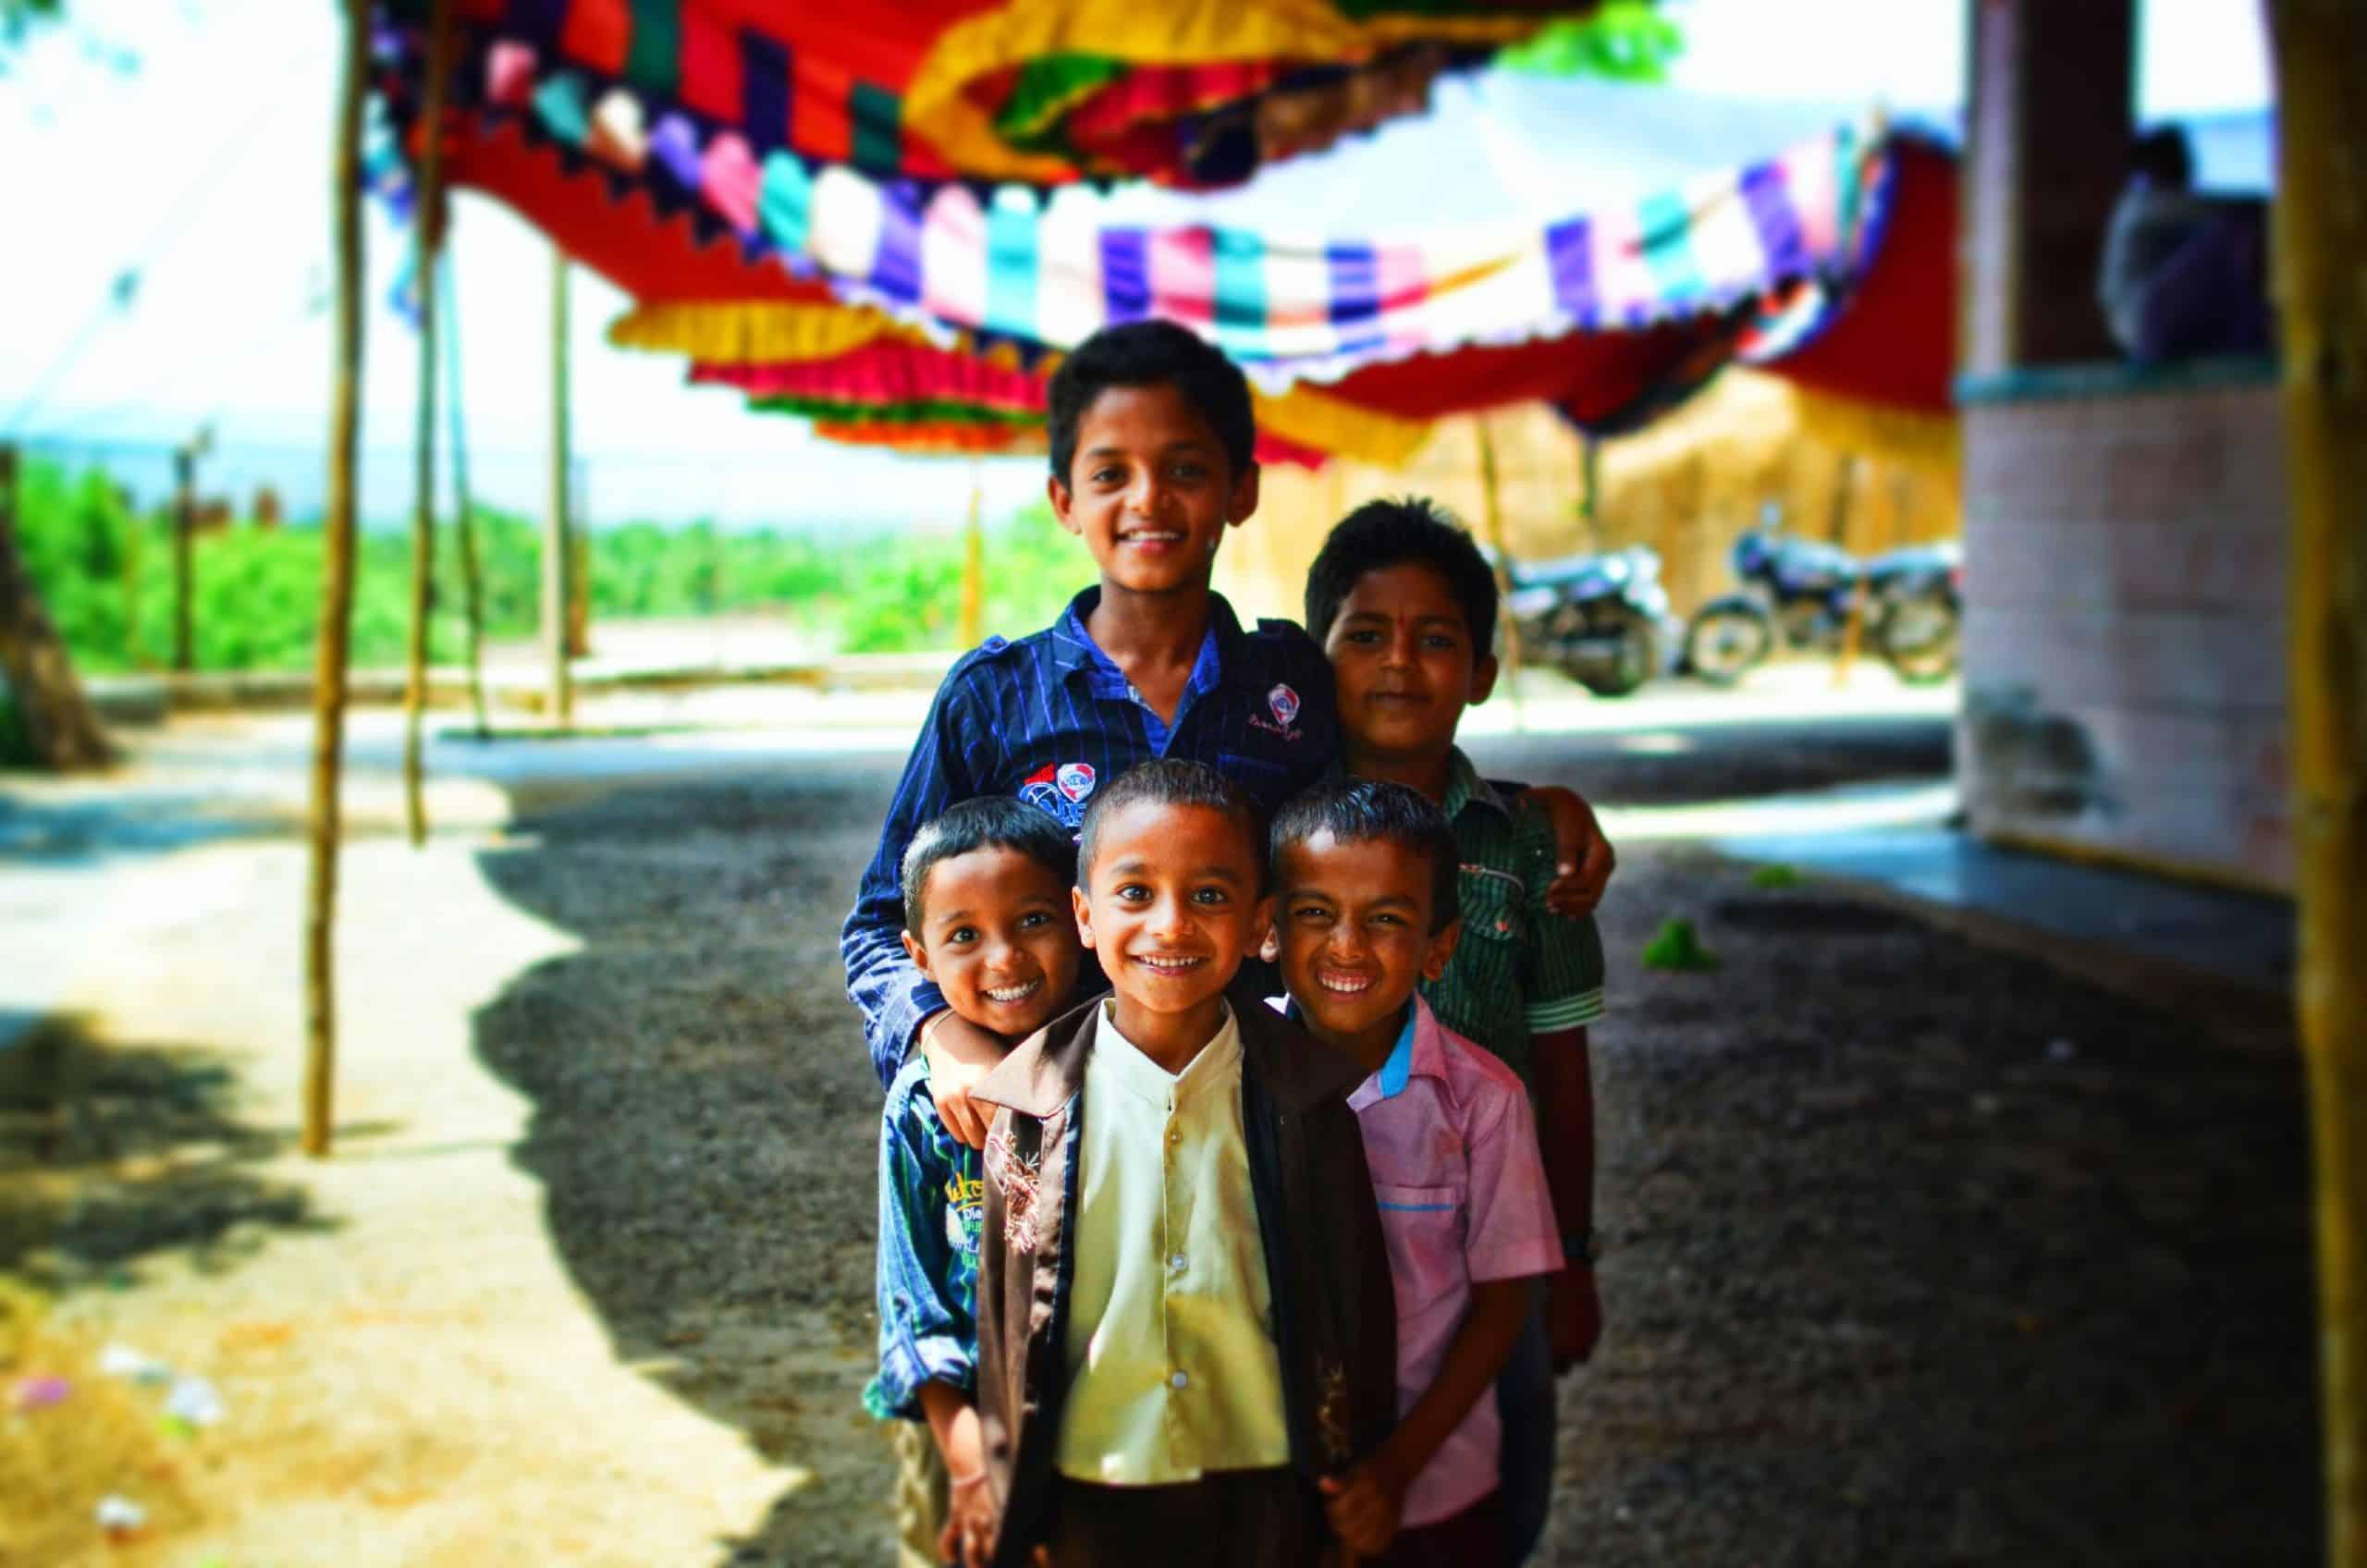 Volontariato internazionale in India sull'assistenza ai bambini rifugiati